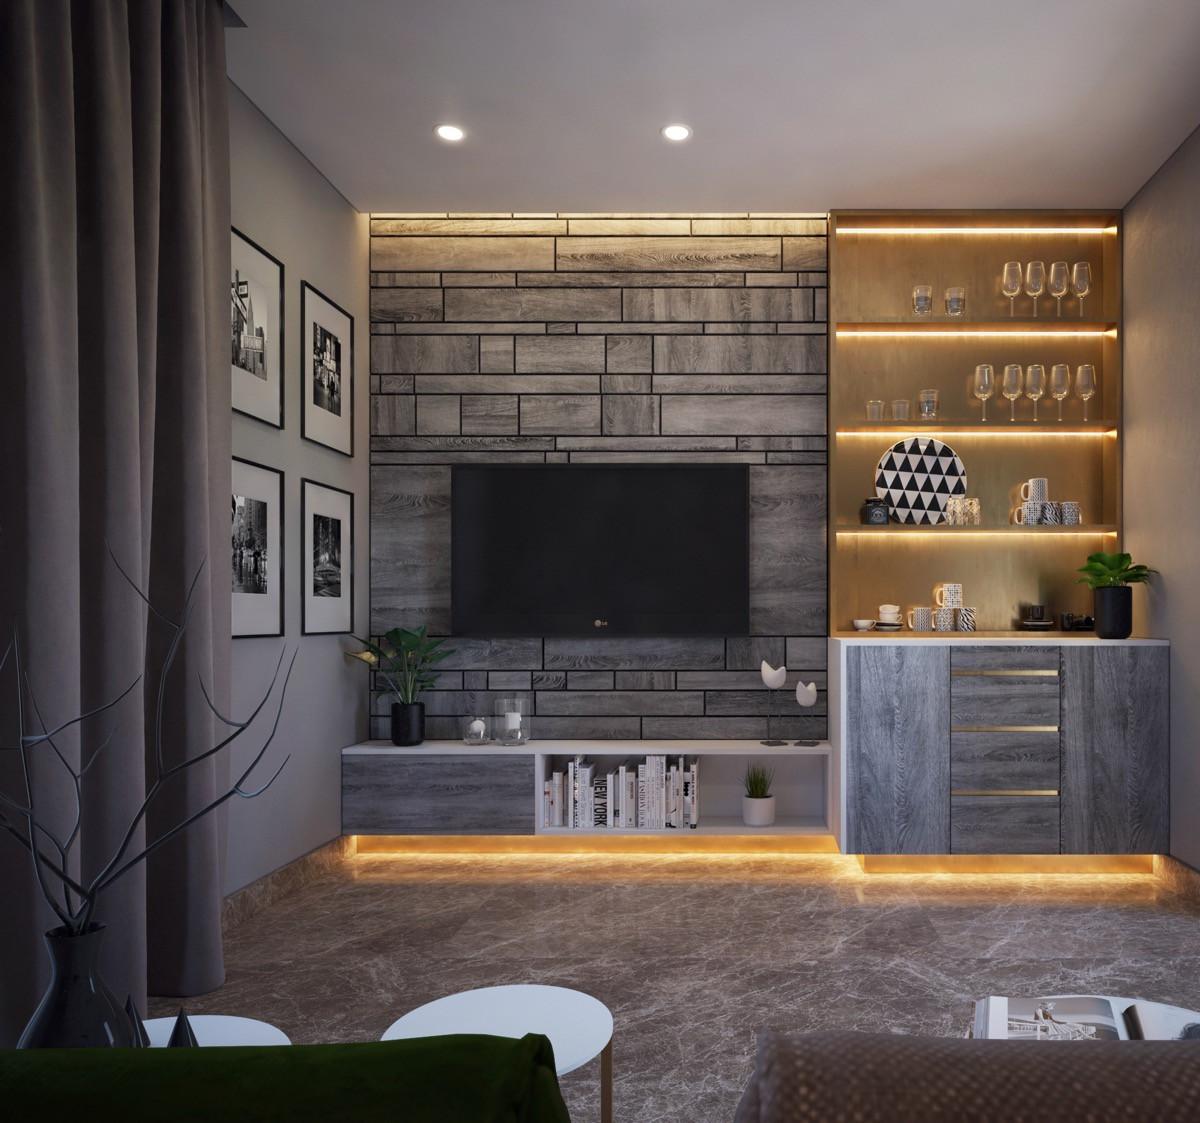 أفكار لتعليق التلفزيون في الجدار- تنسيق التلفزيون مع ركن القهوة